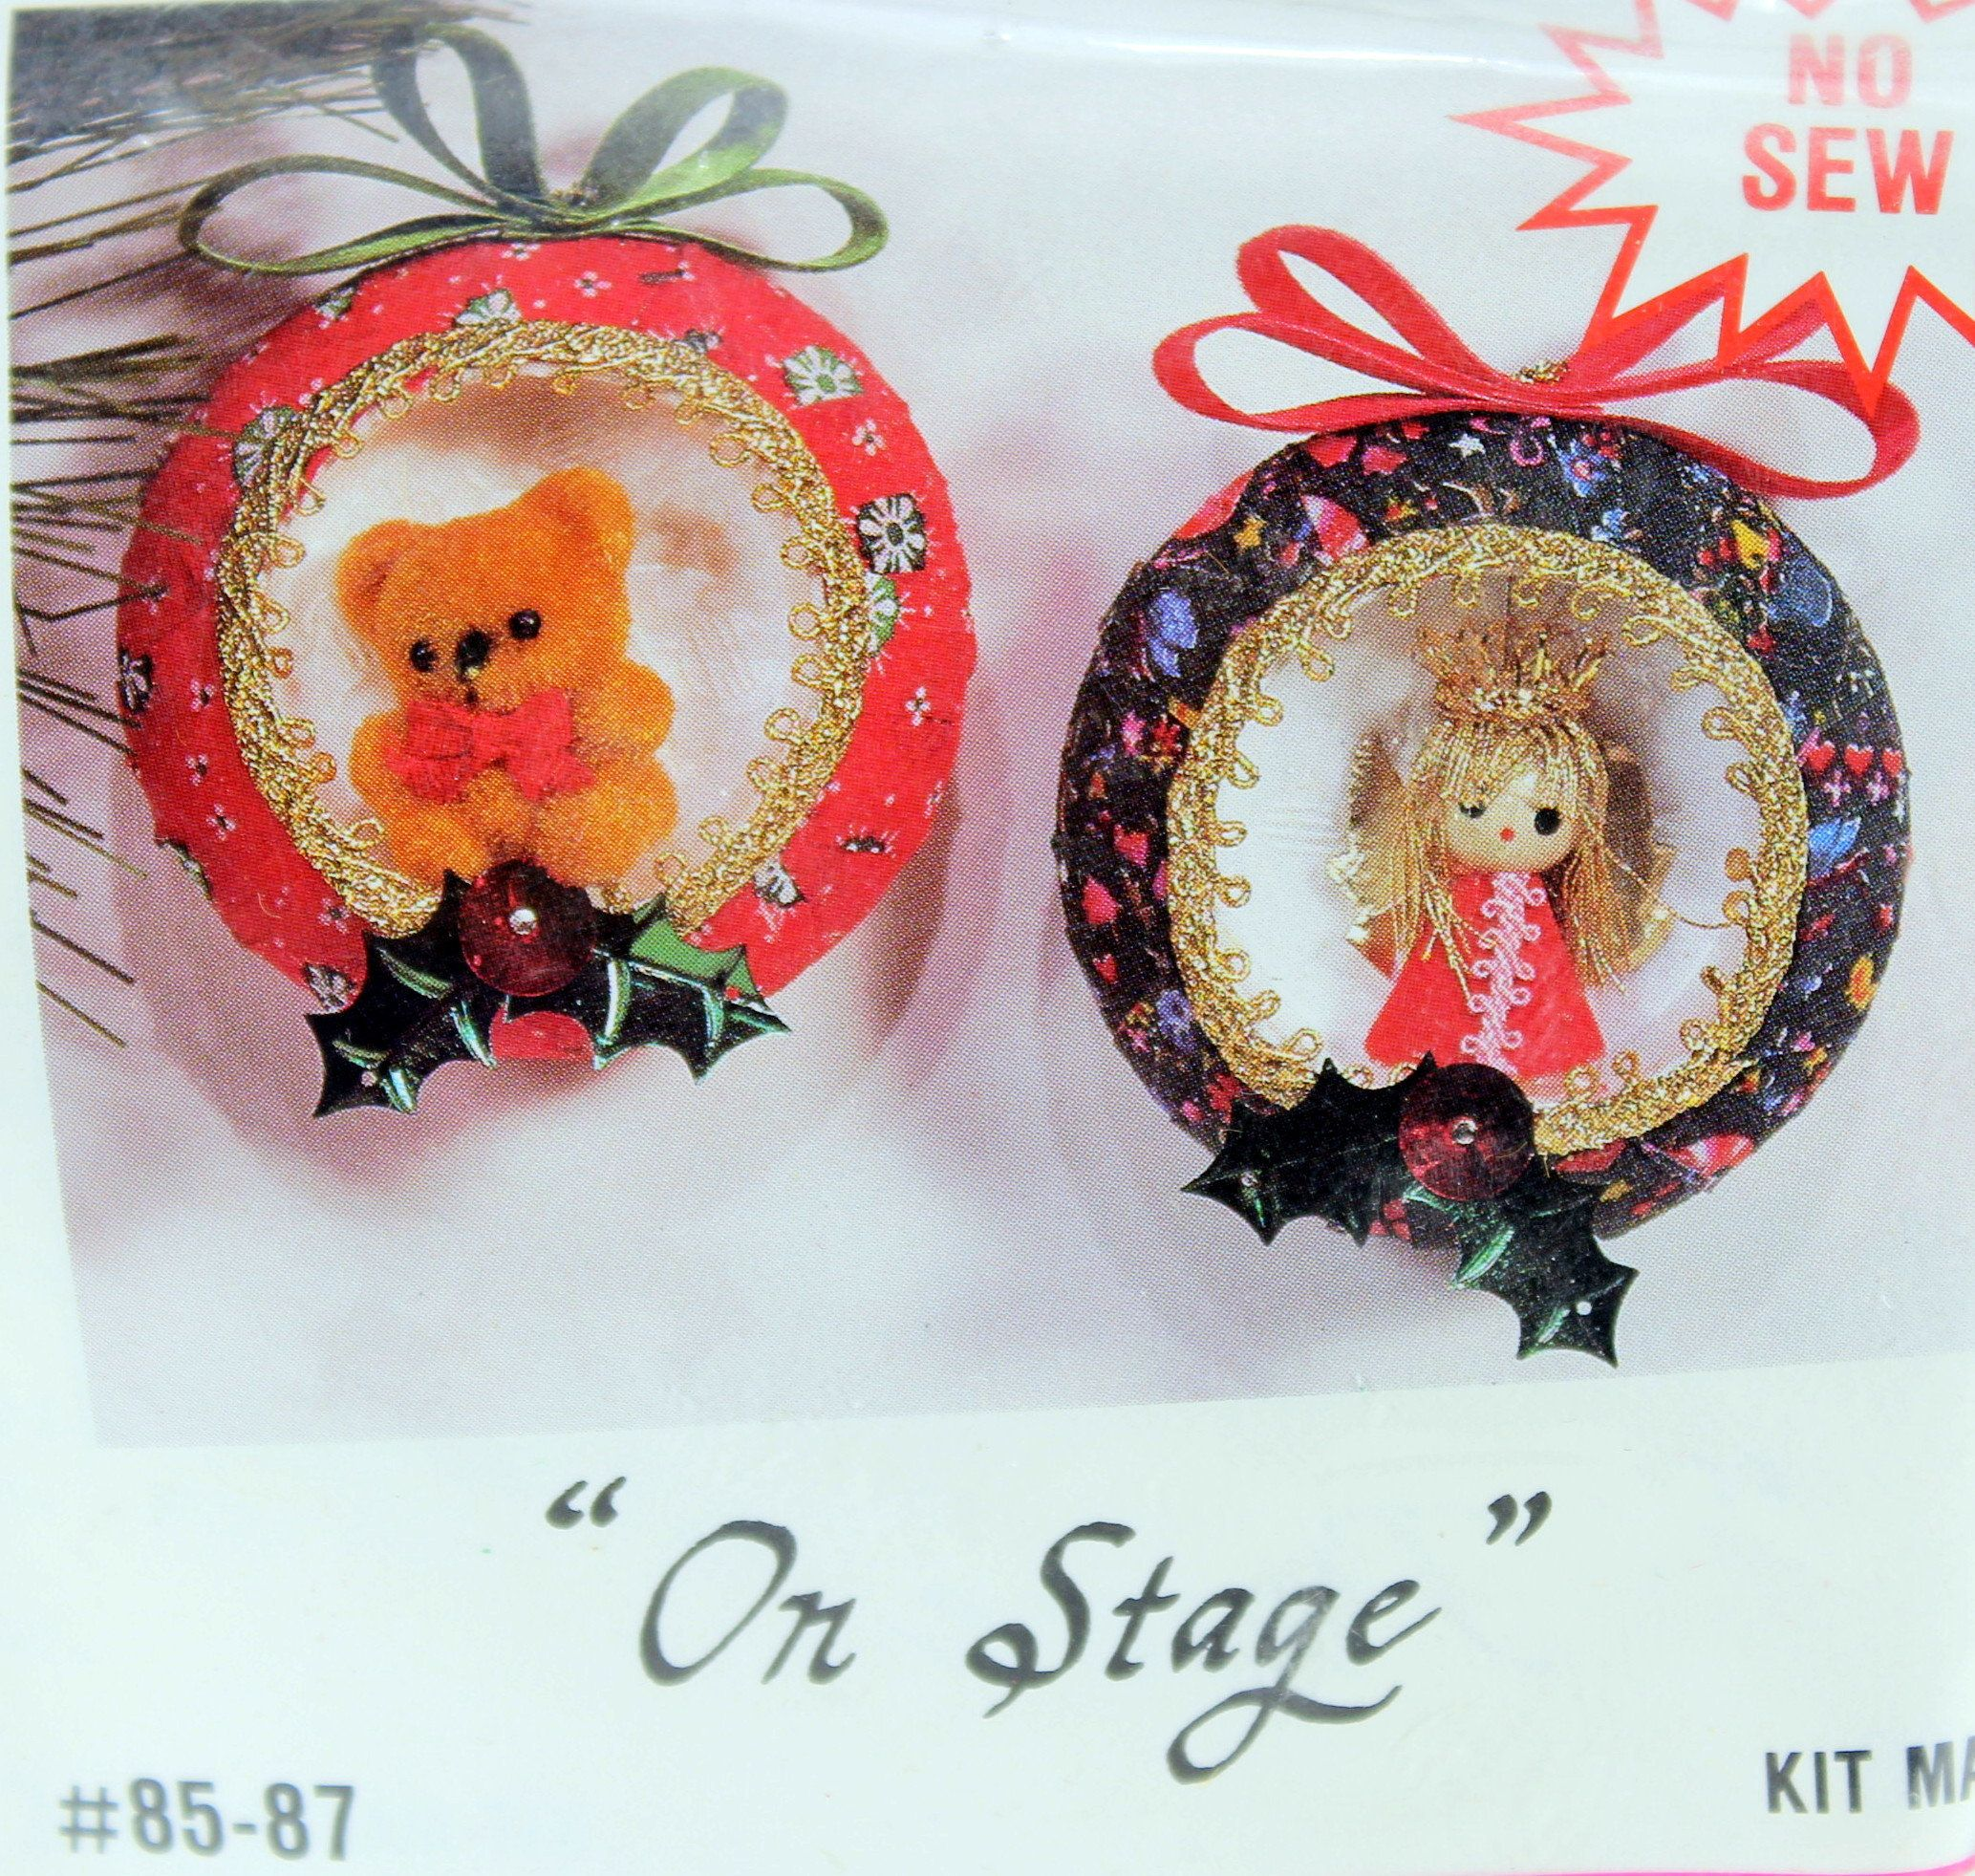 Christmas Ornament Kit, Merri Mac, On Stage, 85 87, Vintage Crafts